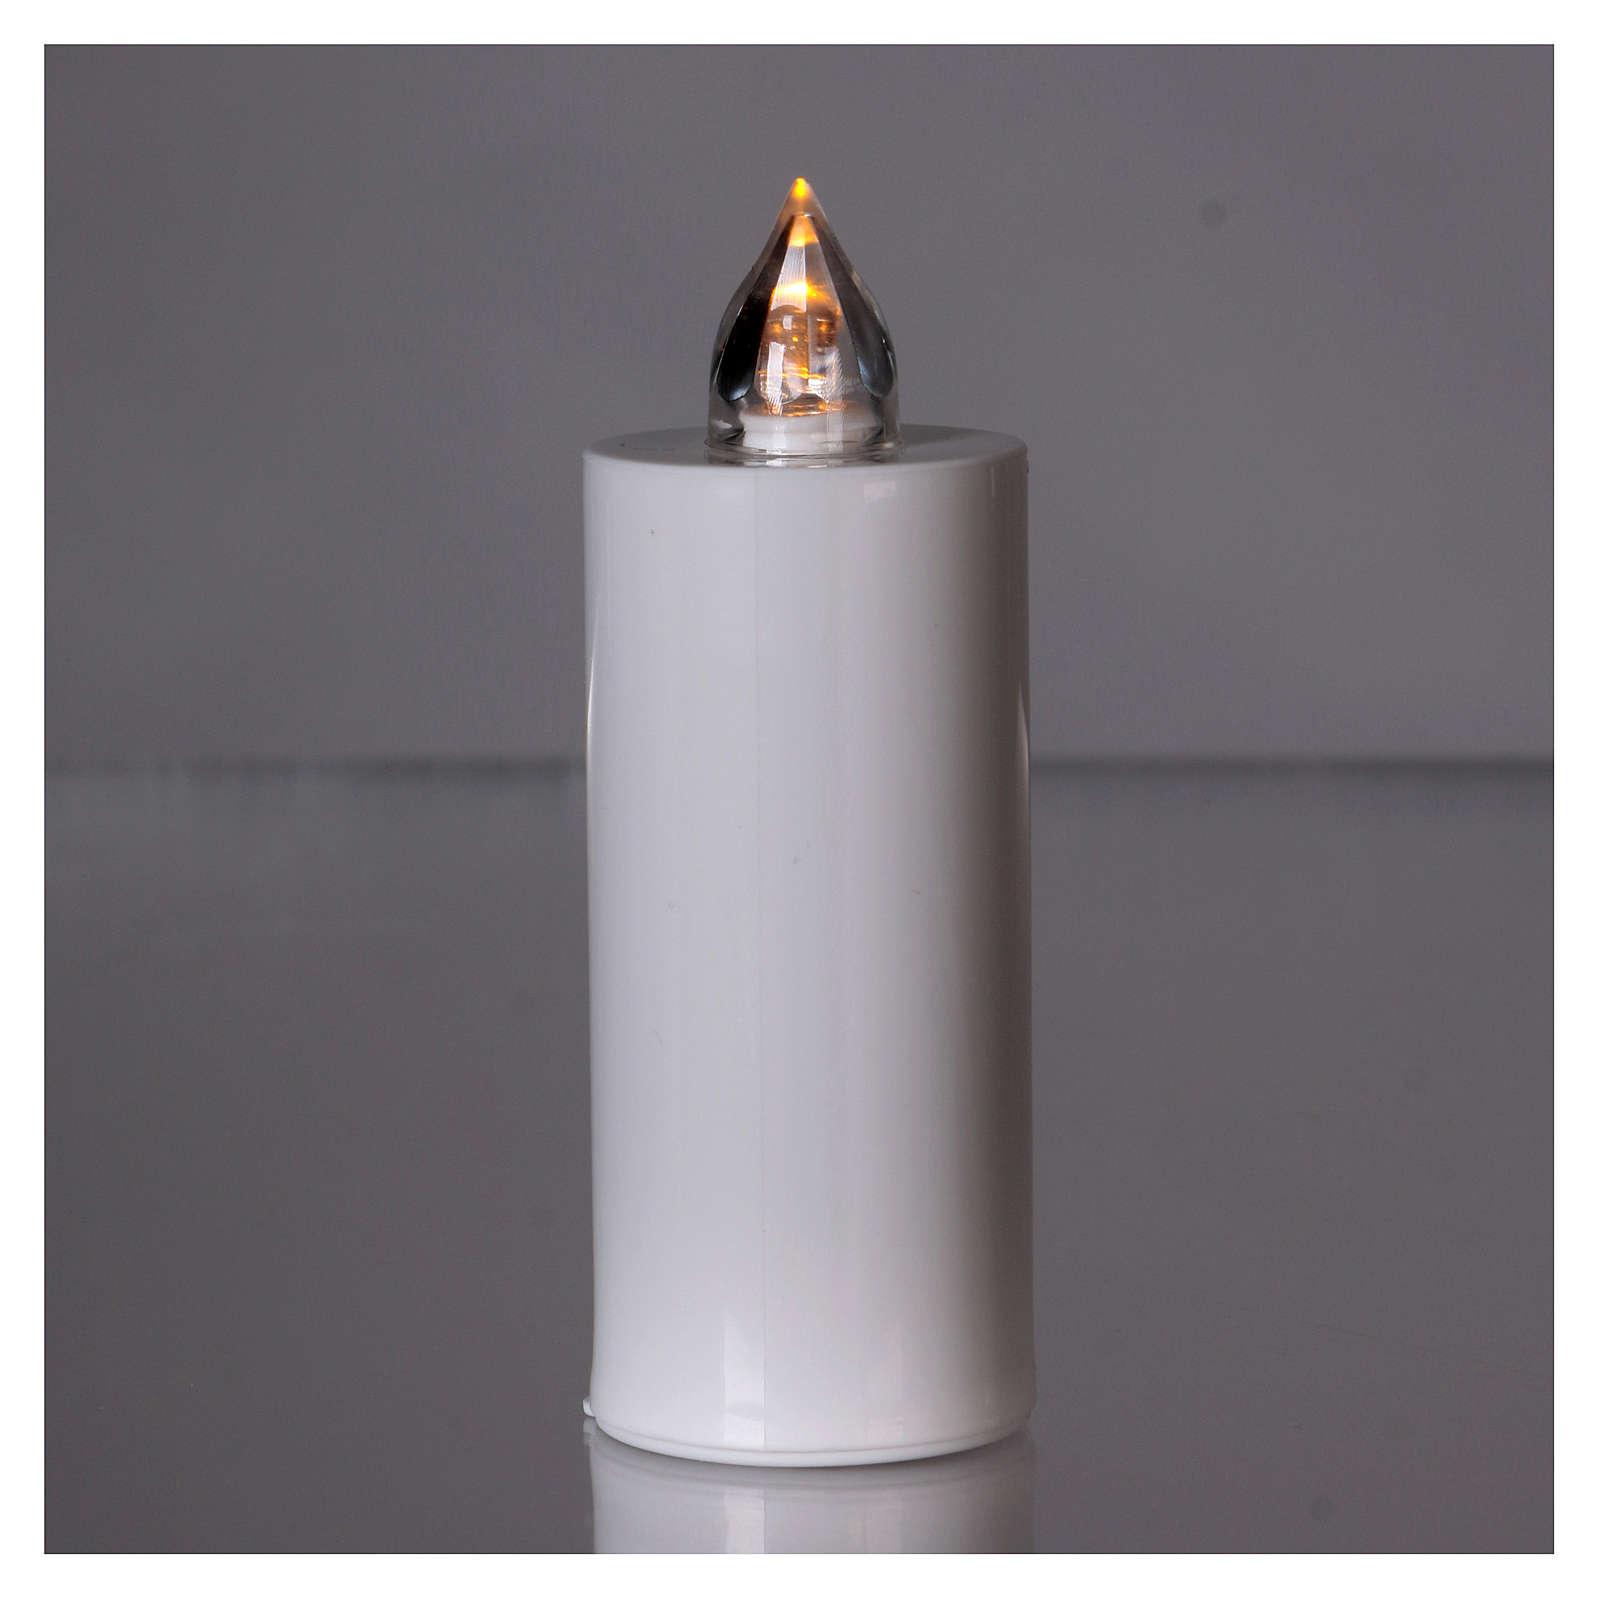 Candela votiva Lumada bianca con luce gialla fissa 3